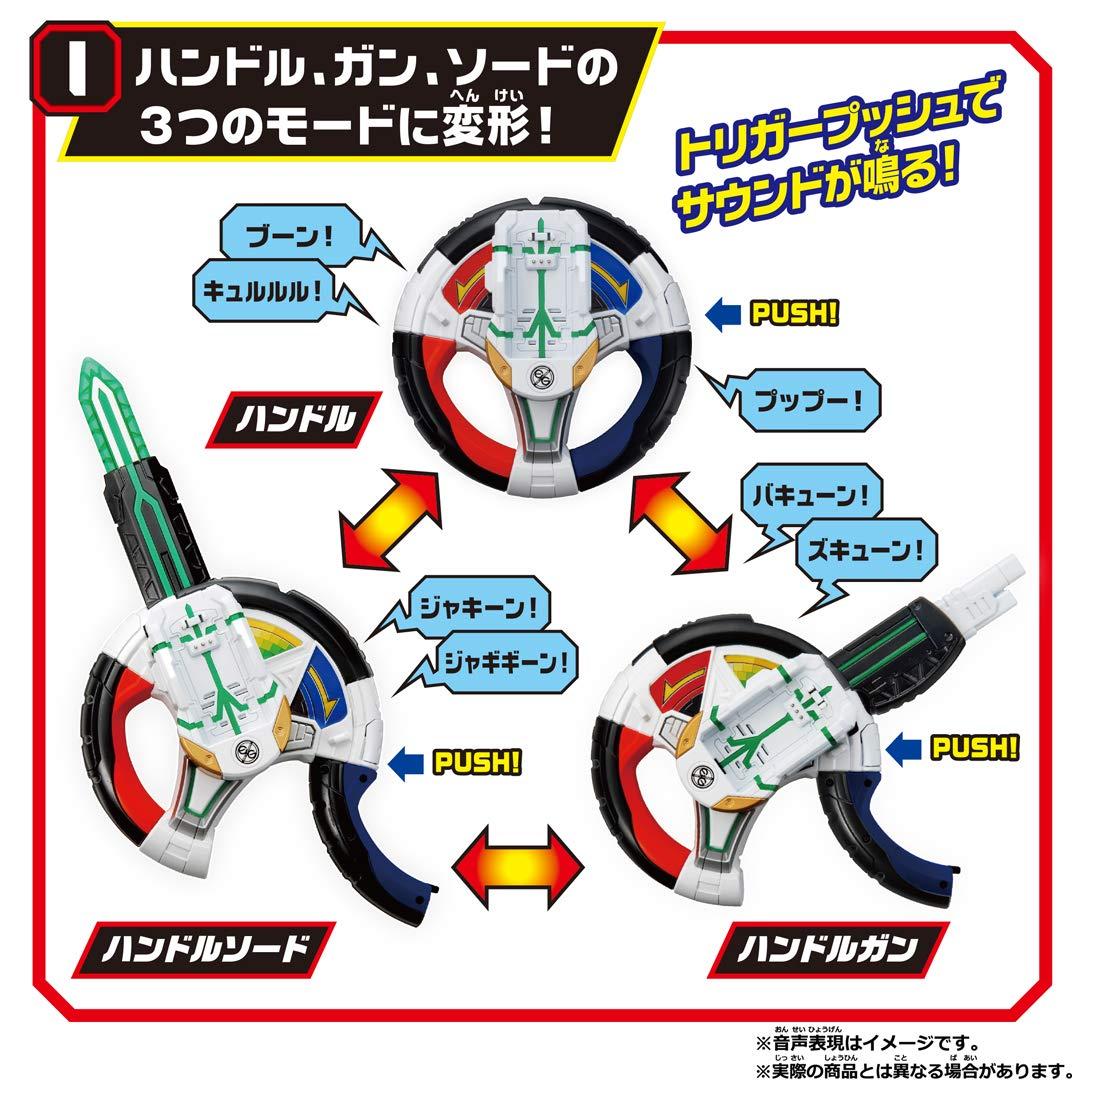 トミカ絆合体 アースグランナー『アースブレス&アースハンドル シフトチェンジDXセット』変身なりきり-012